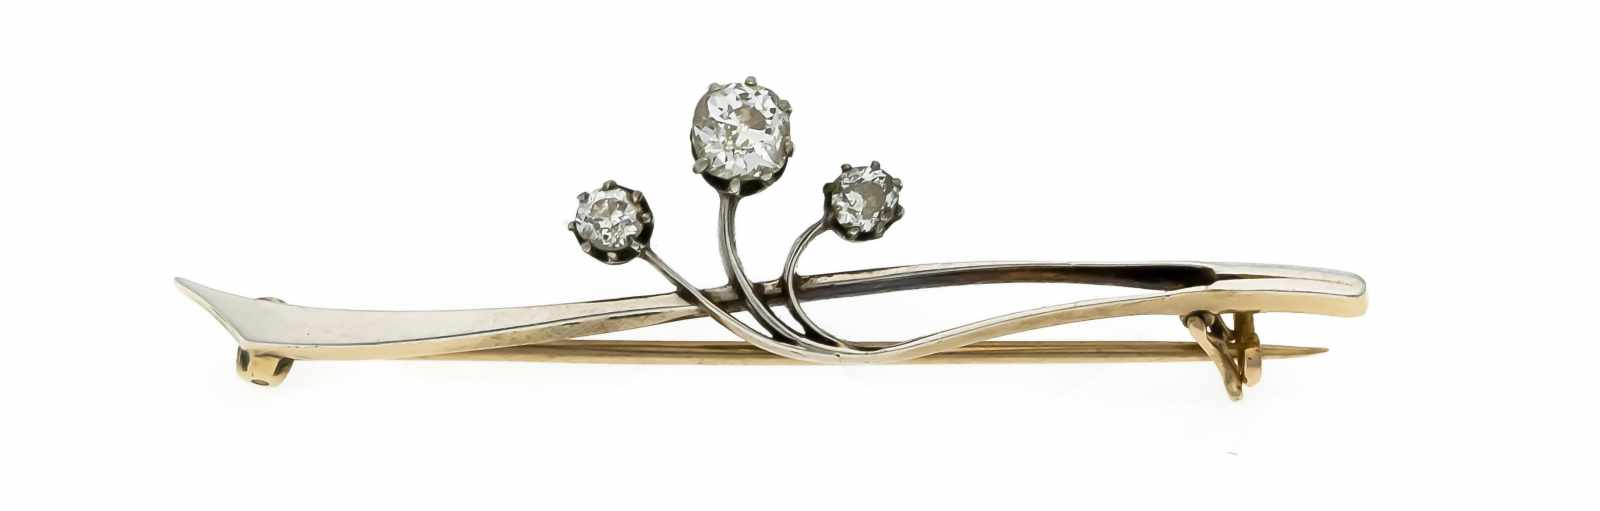 Lot 31 - Altschliff-Diamant-Brosche WG/RG 585/000 mit 3 Altschliff-Diamanten, zus. 0,65 ctget.W/SI-PI, L.